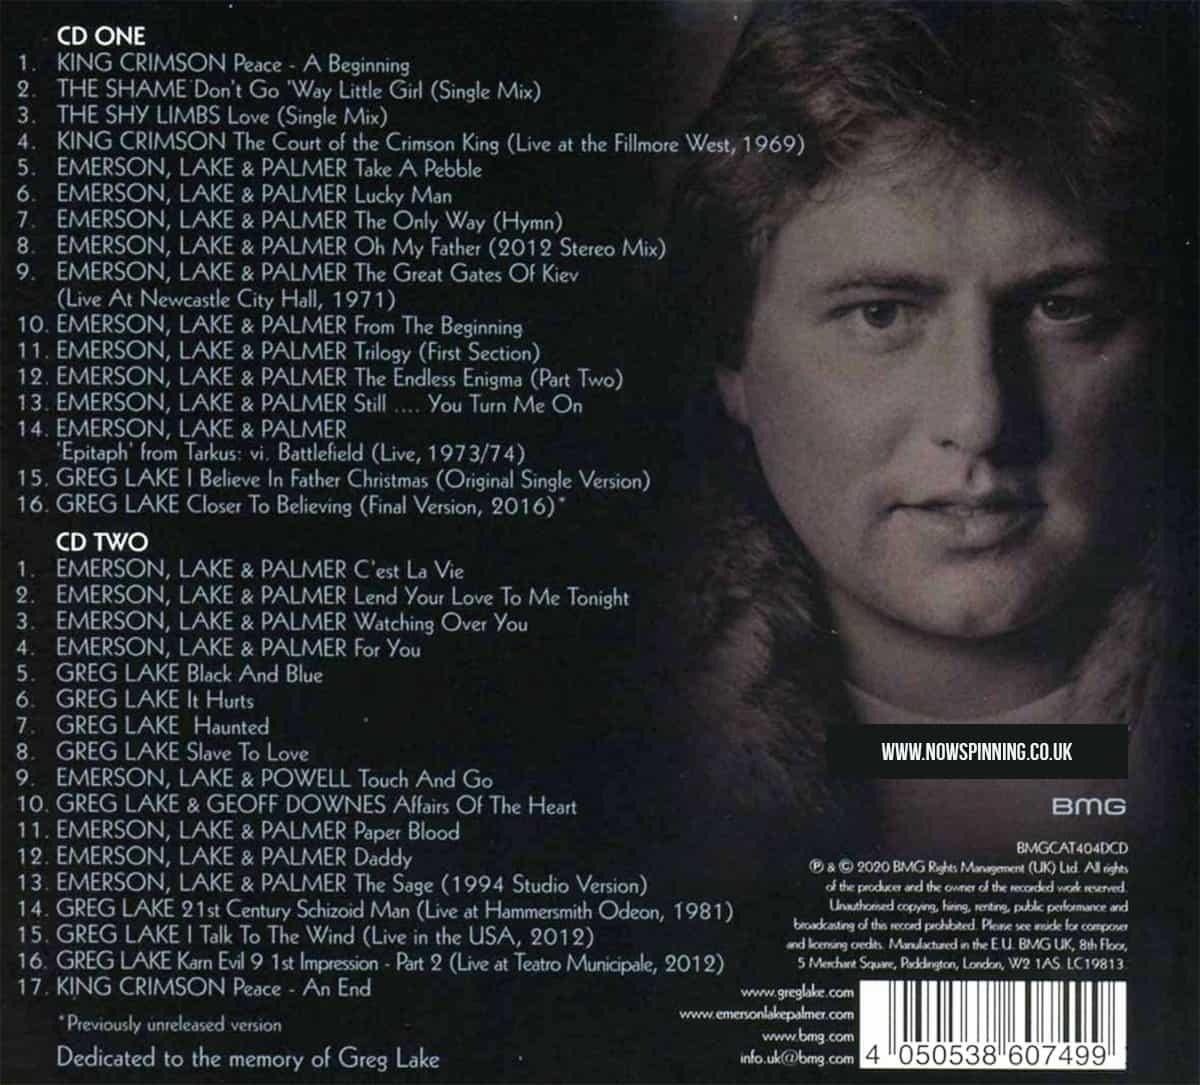 Greg Lake 2CD Anthology track listing